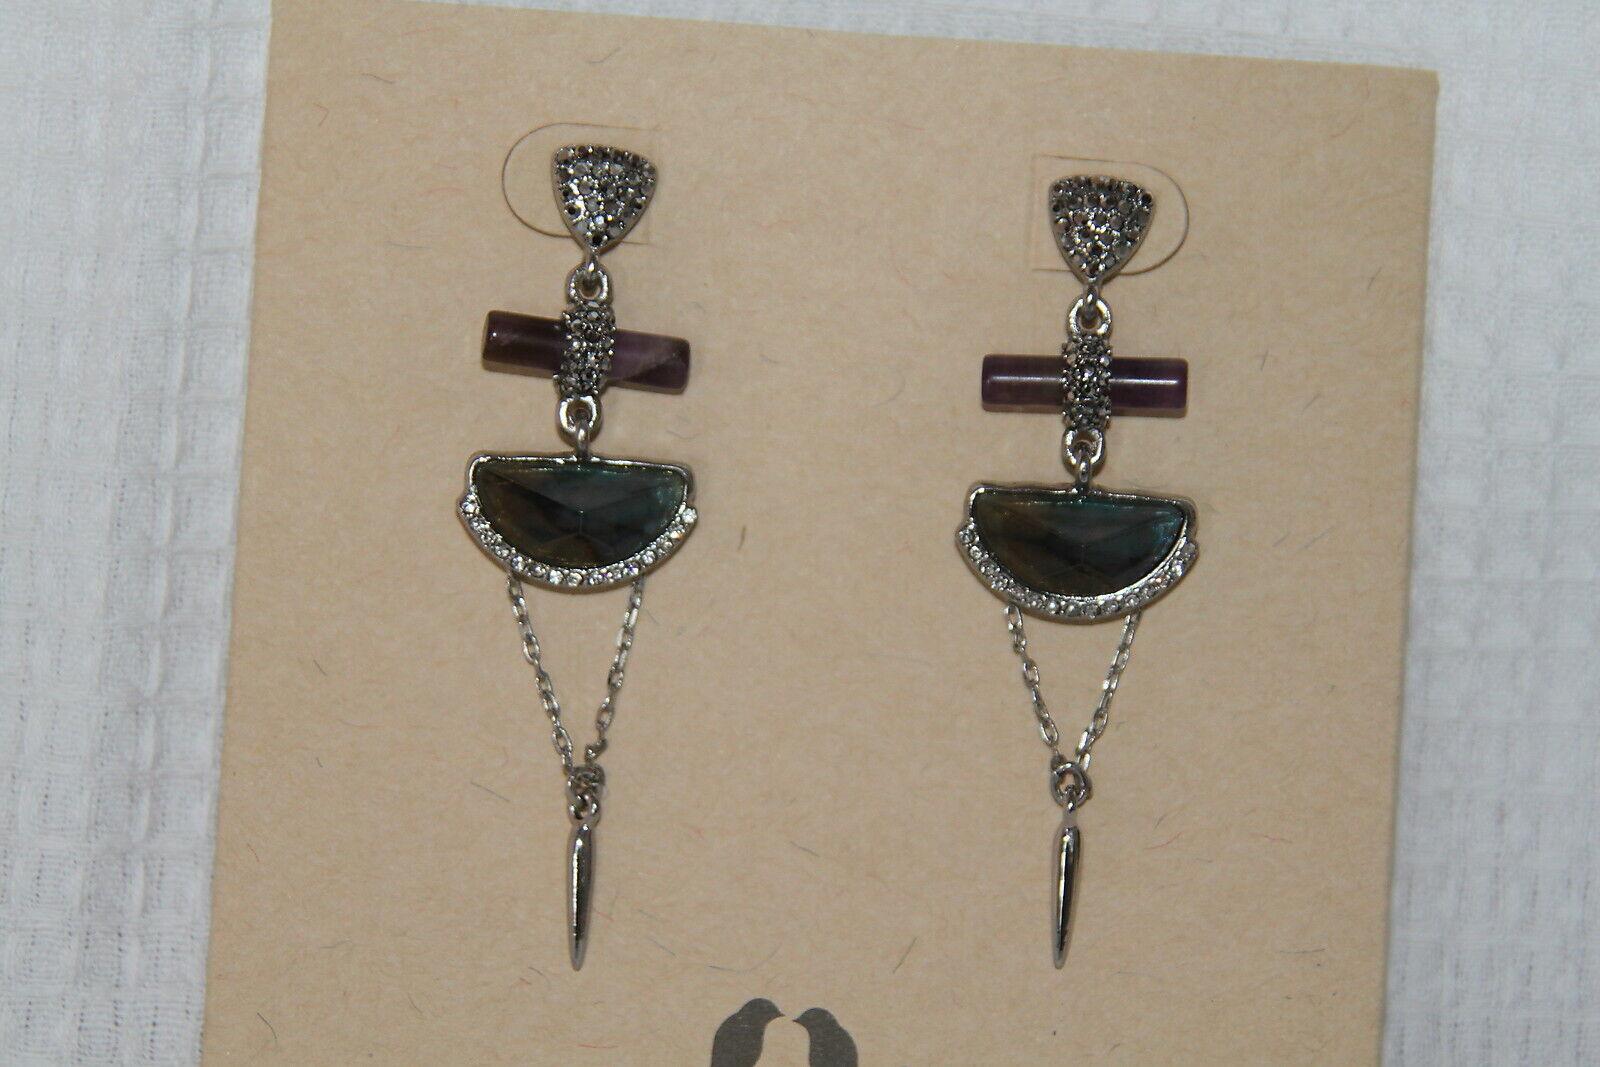 Chloe & Isabel Earrings (new) RIVERSTONE STATEMENT EARRINGS (E449BLAR)